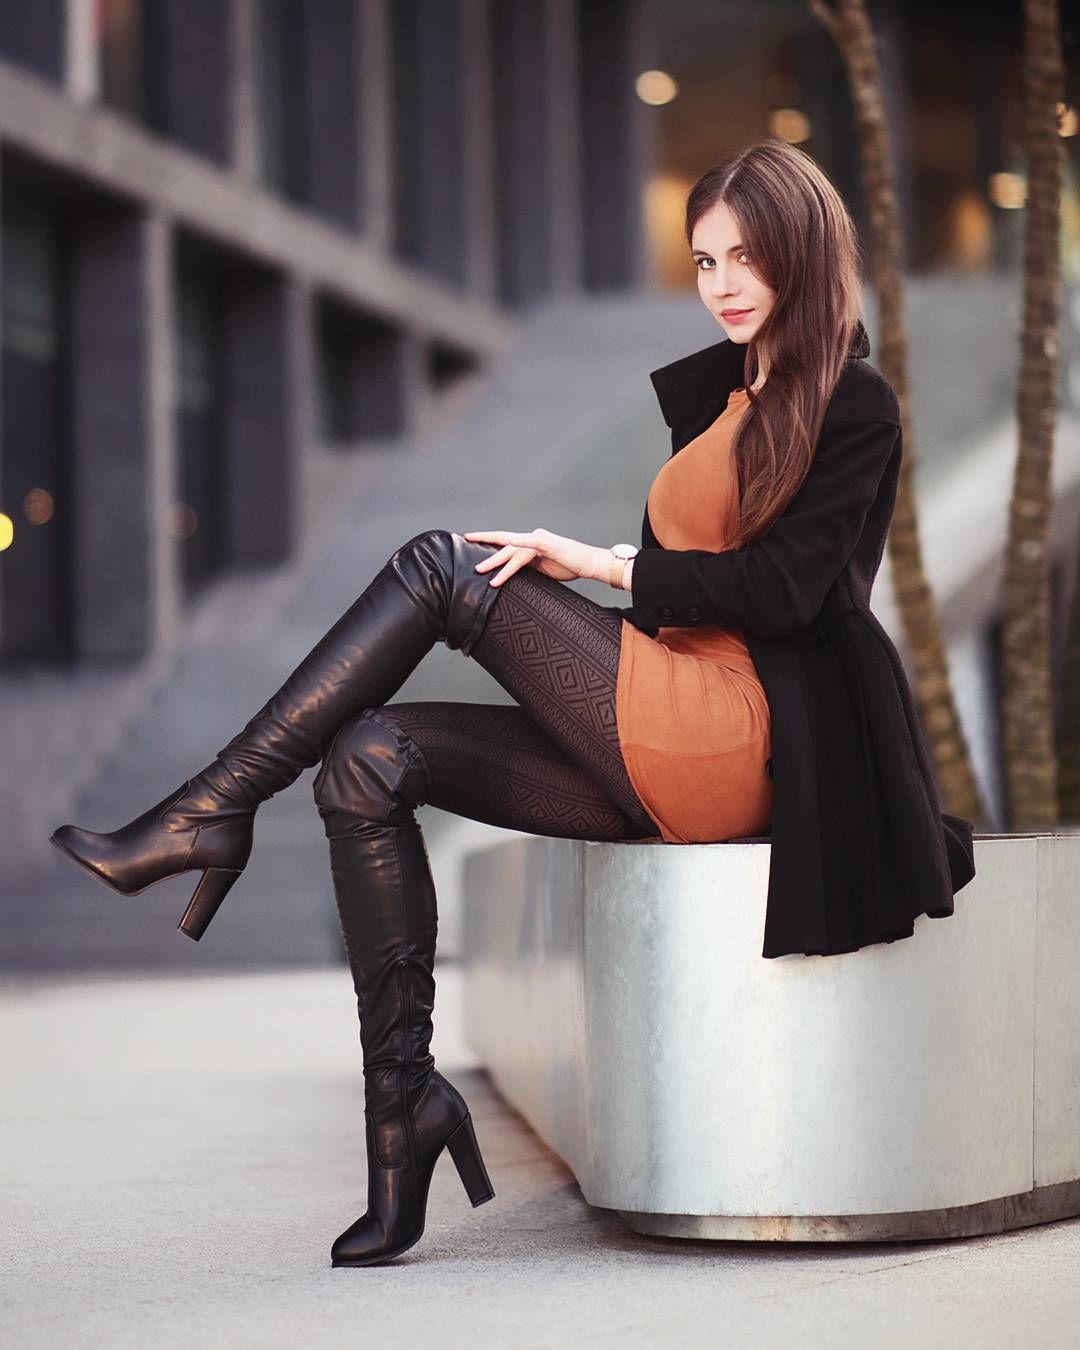 Ariadna Majewska ( ari maj) • Fotos e vídeos do Instagram  2e33bdddb564c